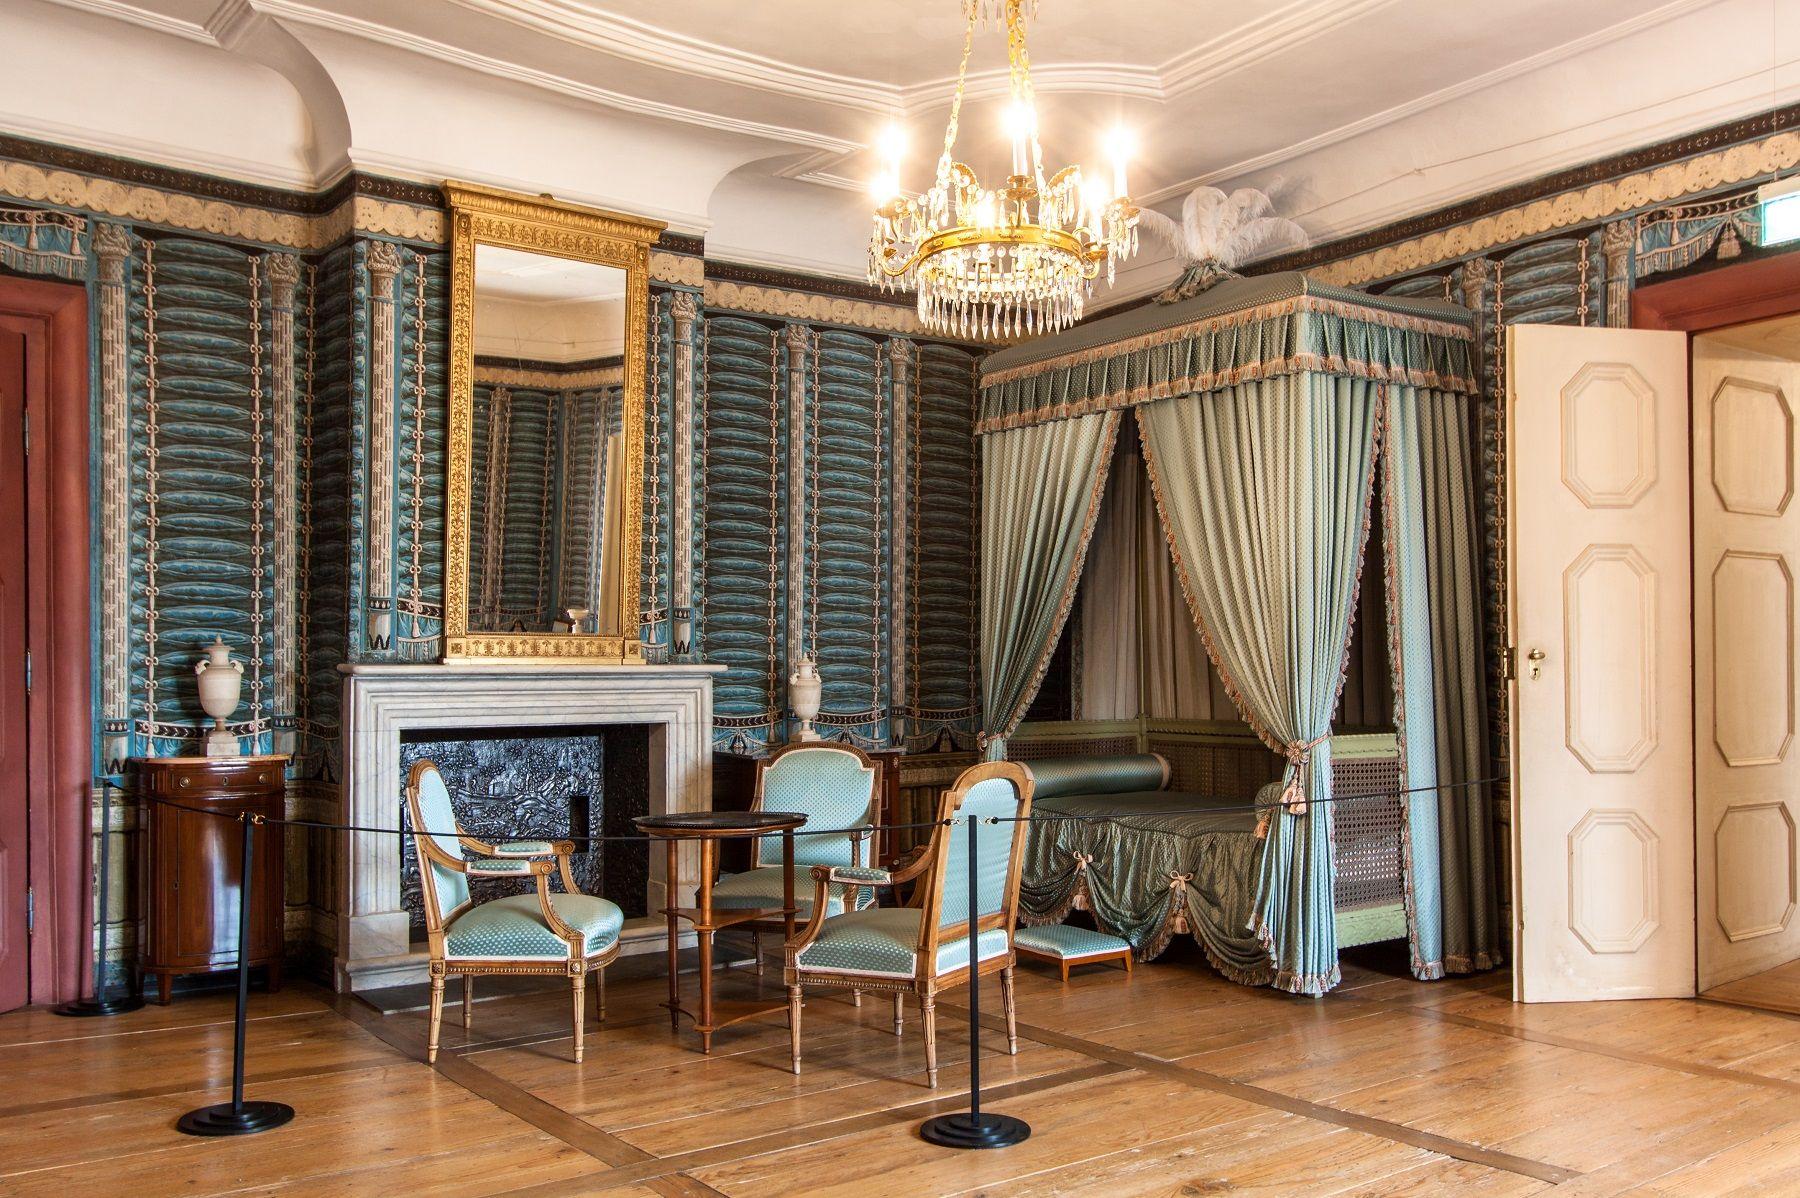 Schloss und Schlossgarten Schwetzingen, Wohnzimmer im Appartement Luise Karoline von Hochberg